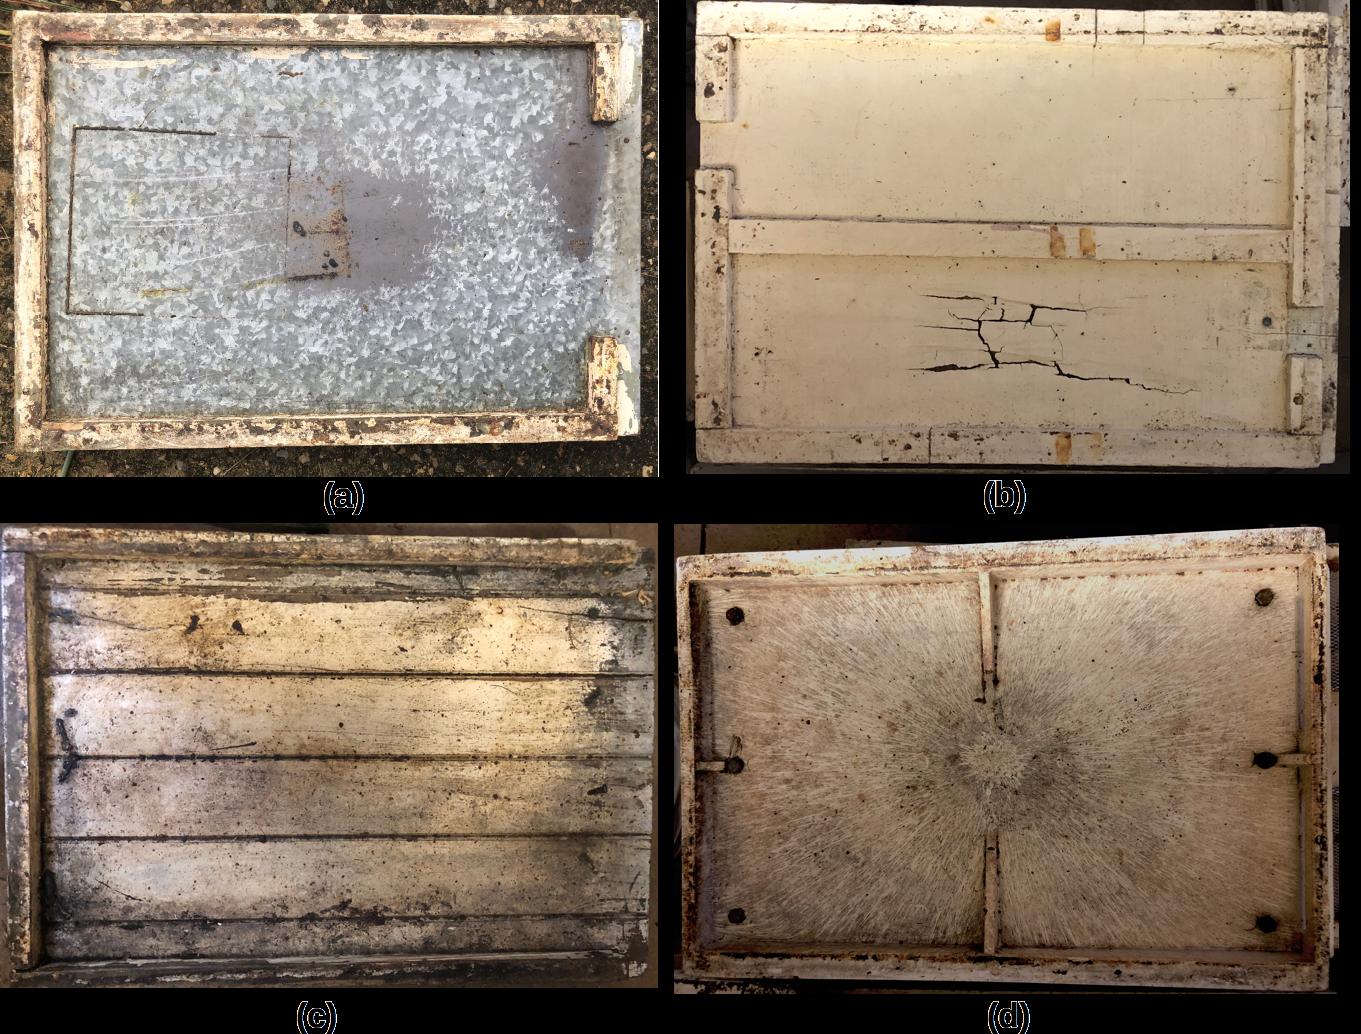 Figure-21-Manky-bottom-boards